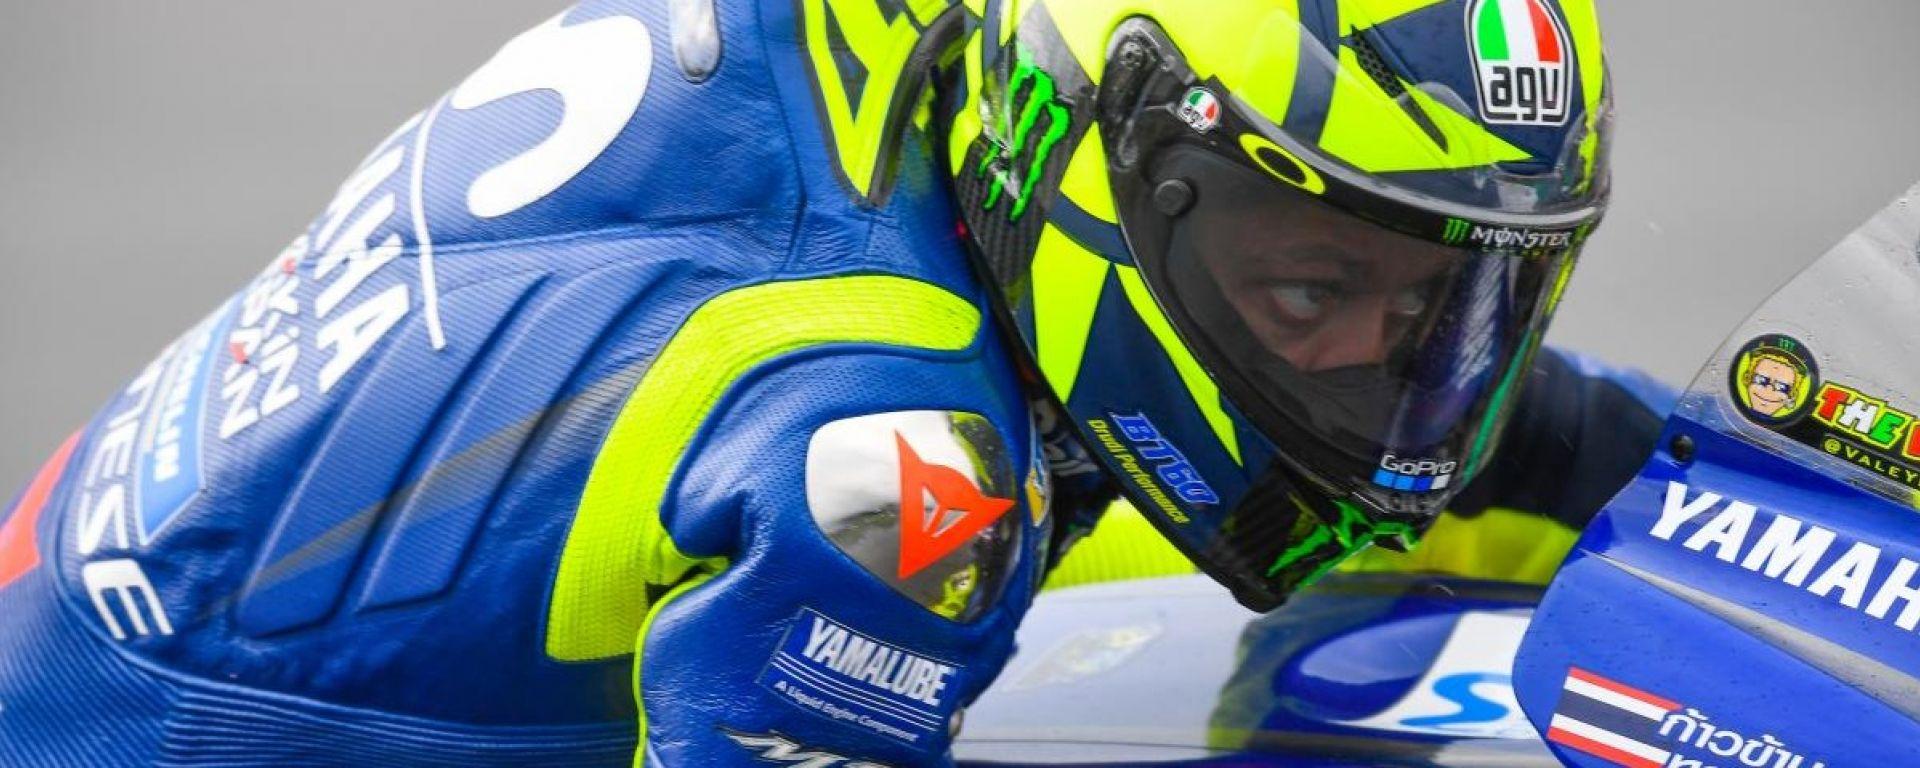 MotoGP, Valentino Rossi in sella alla sua Yamaha